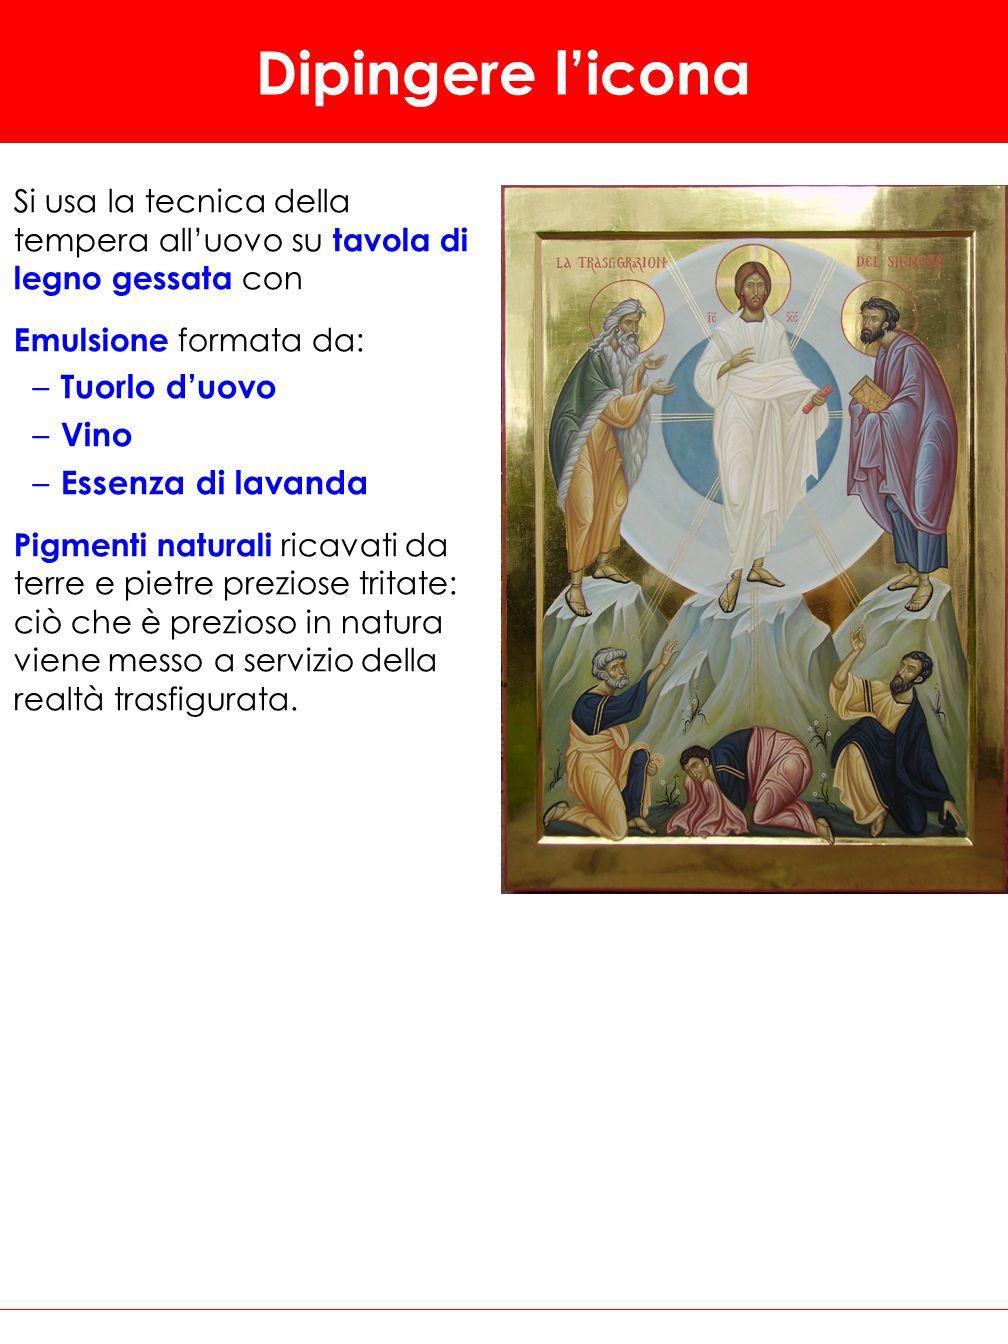 Dipingere l'icona Tuorlo d'uovo Vino Essenza di lavanda